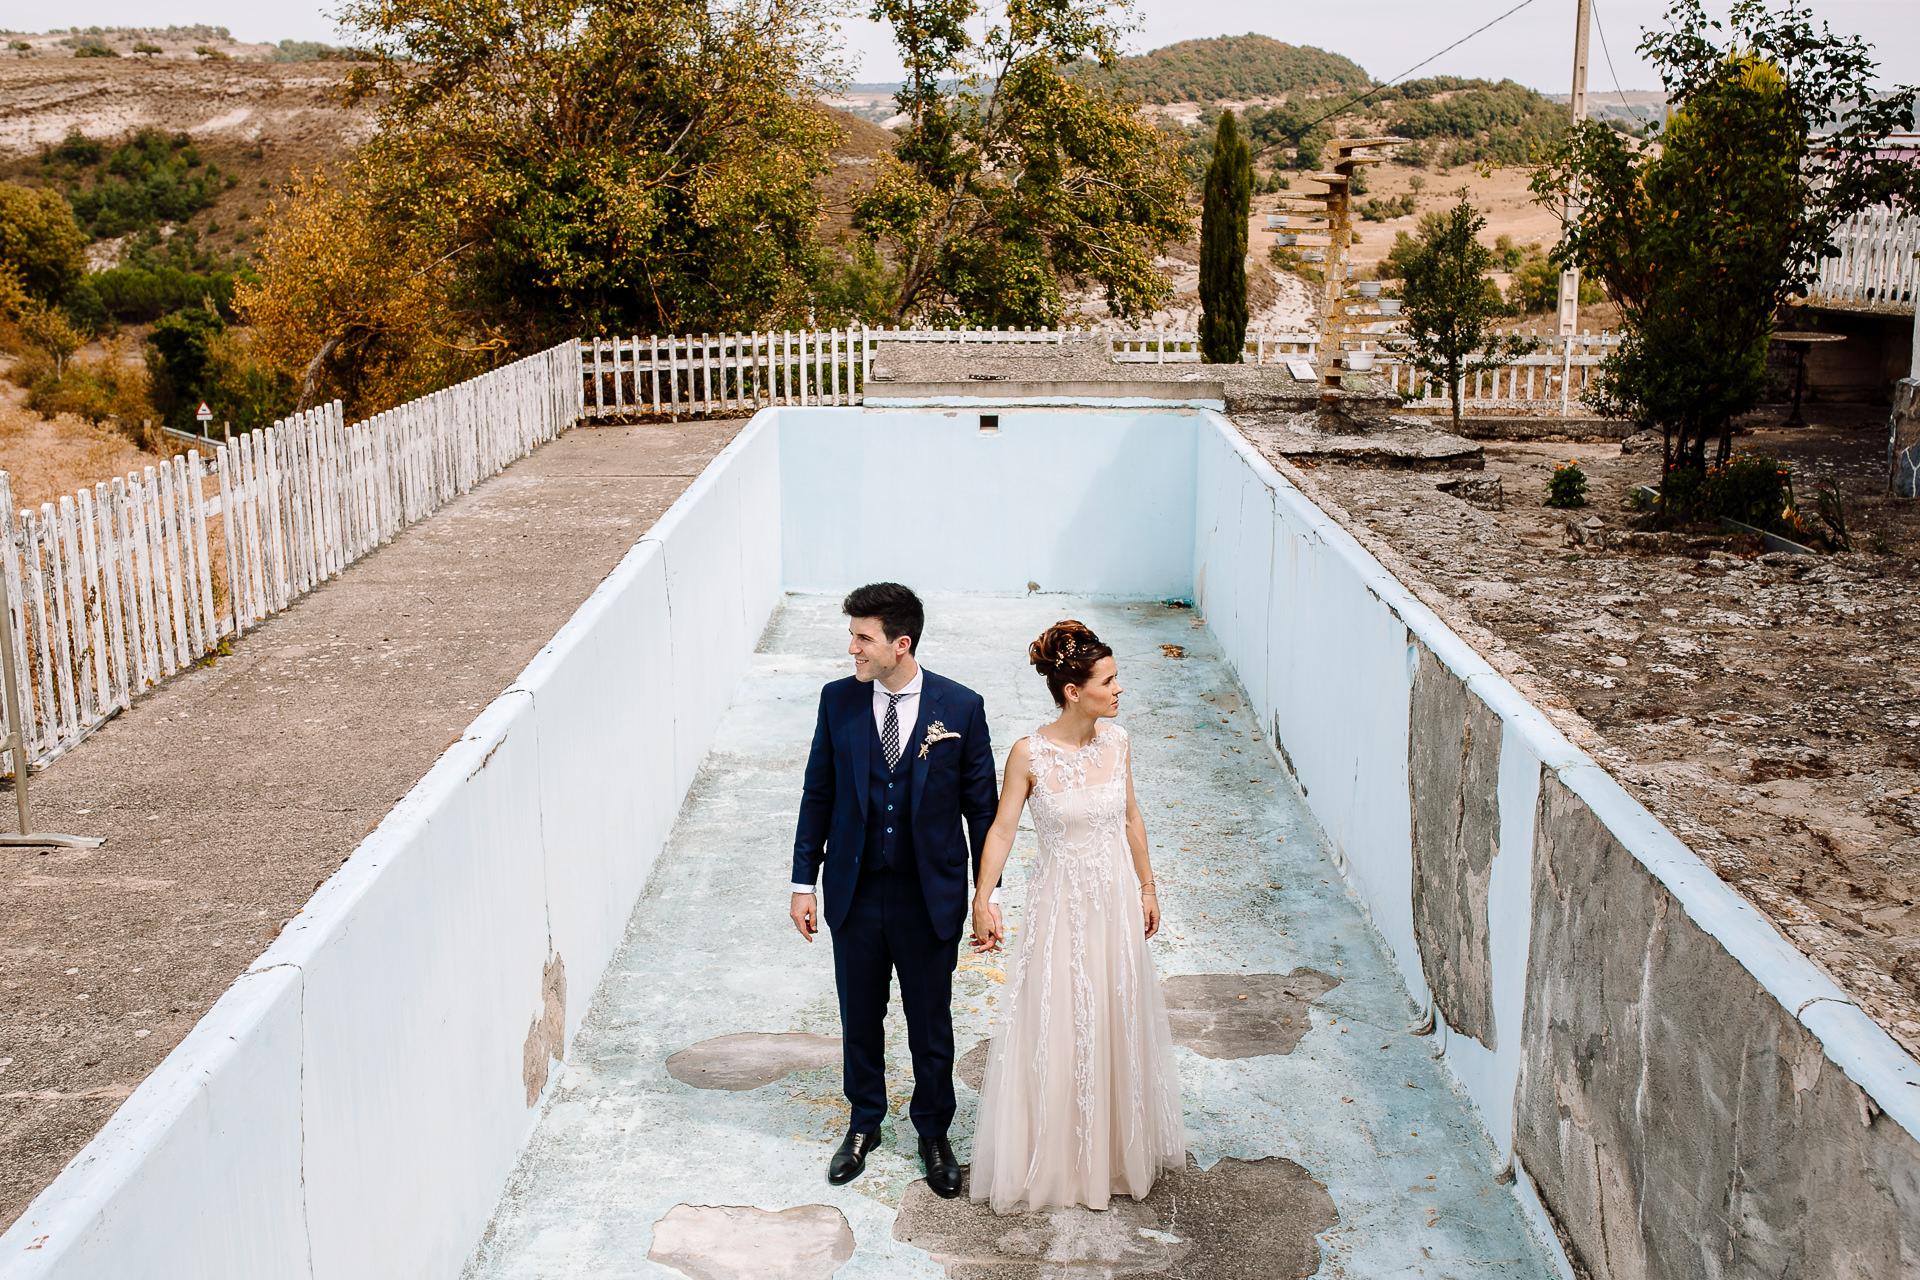 boda rural palacio anuncibai 131029